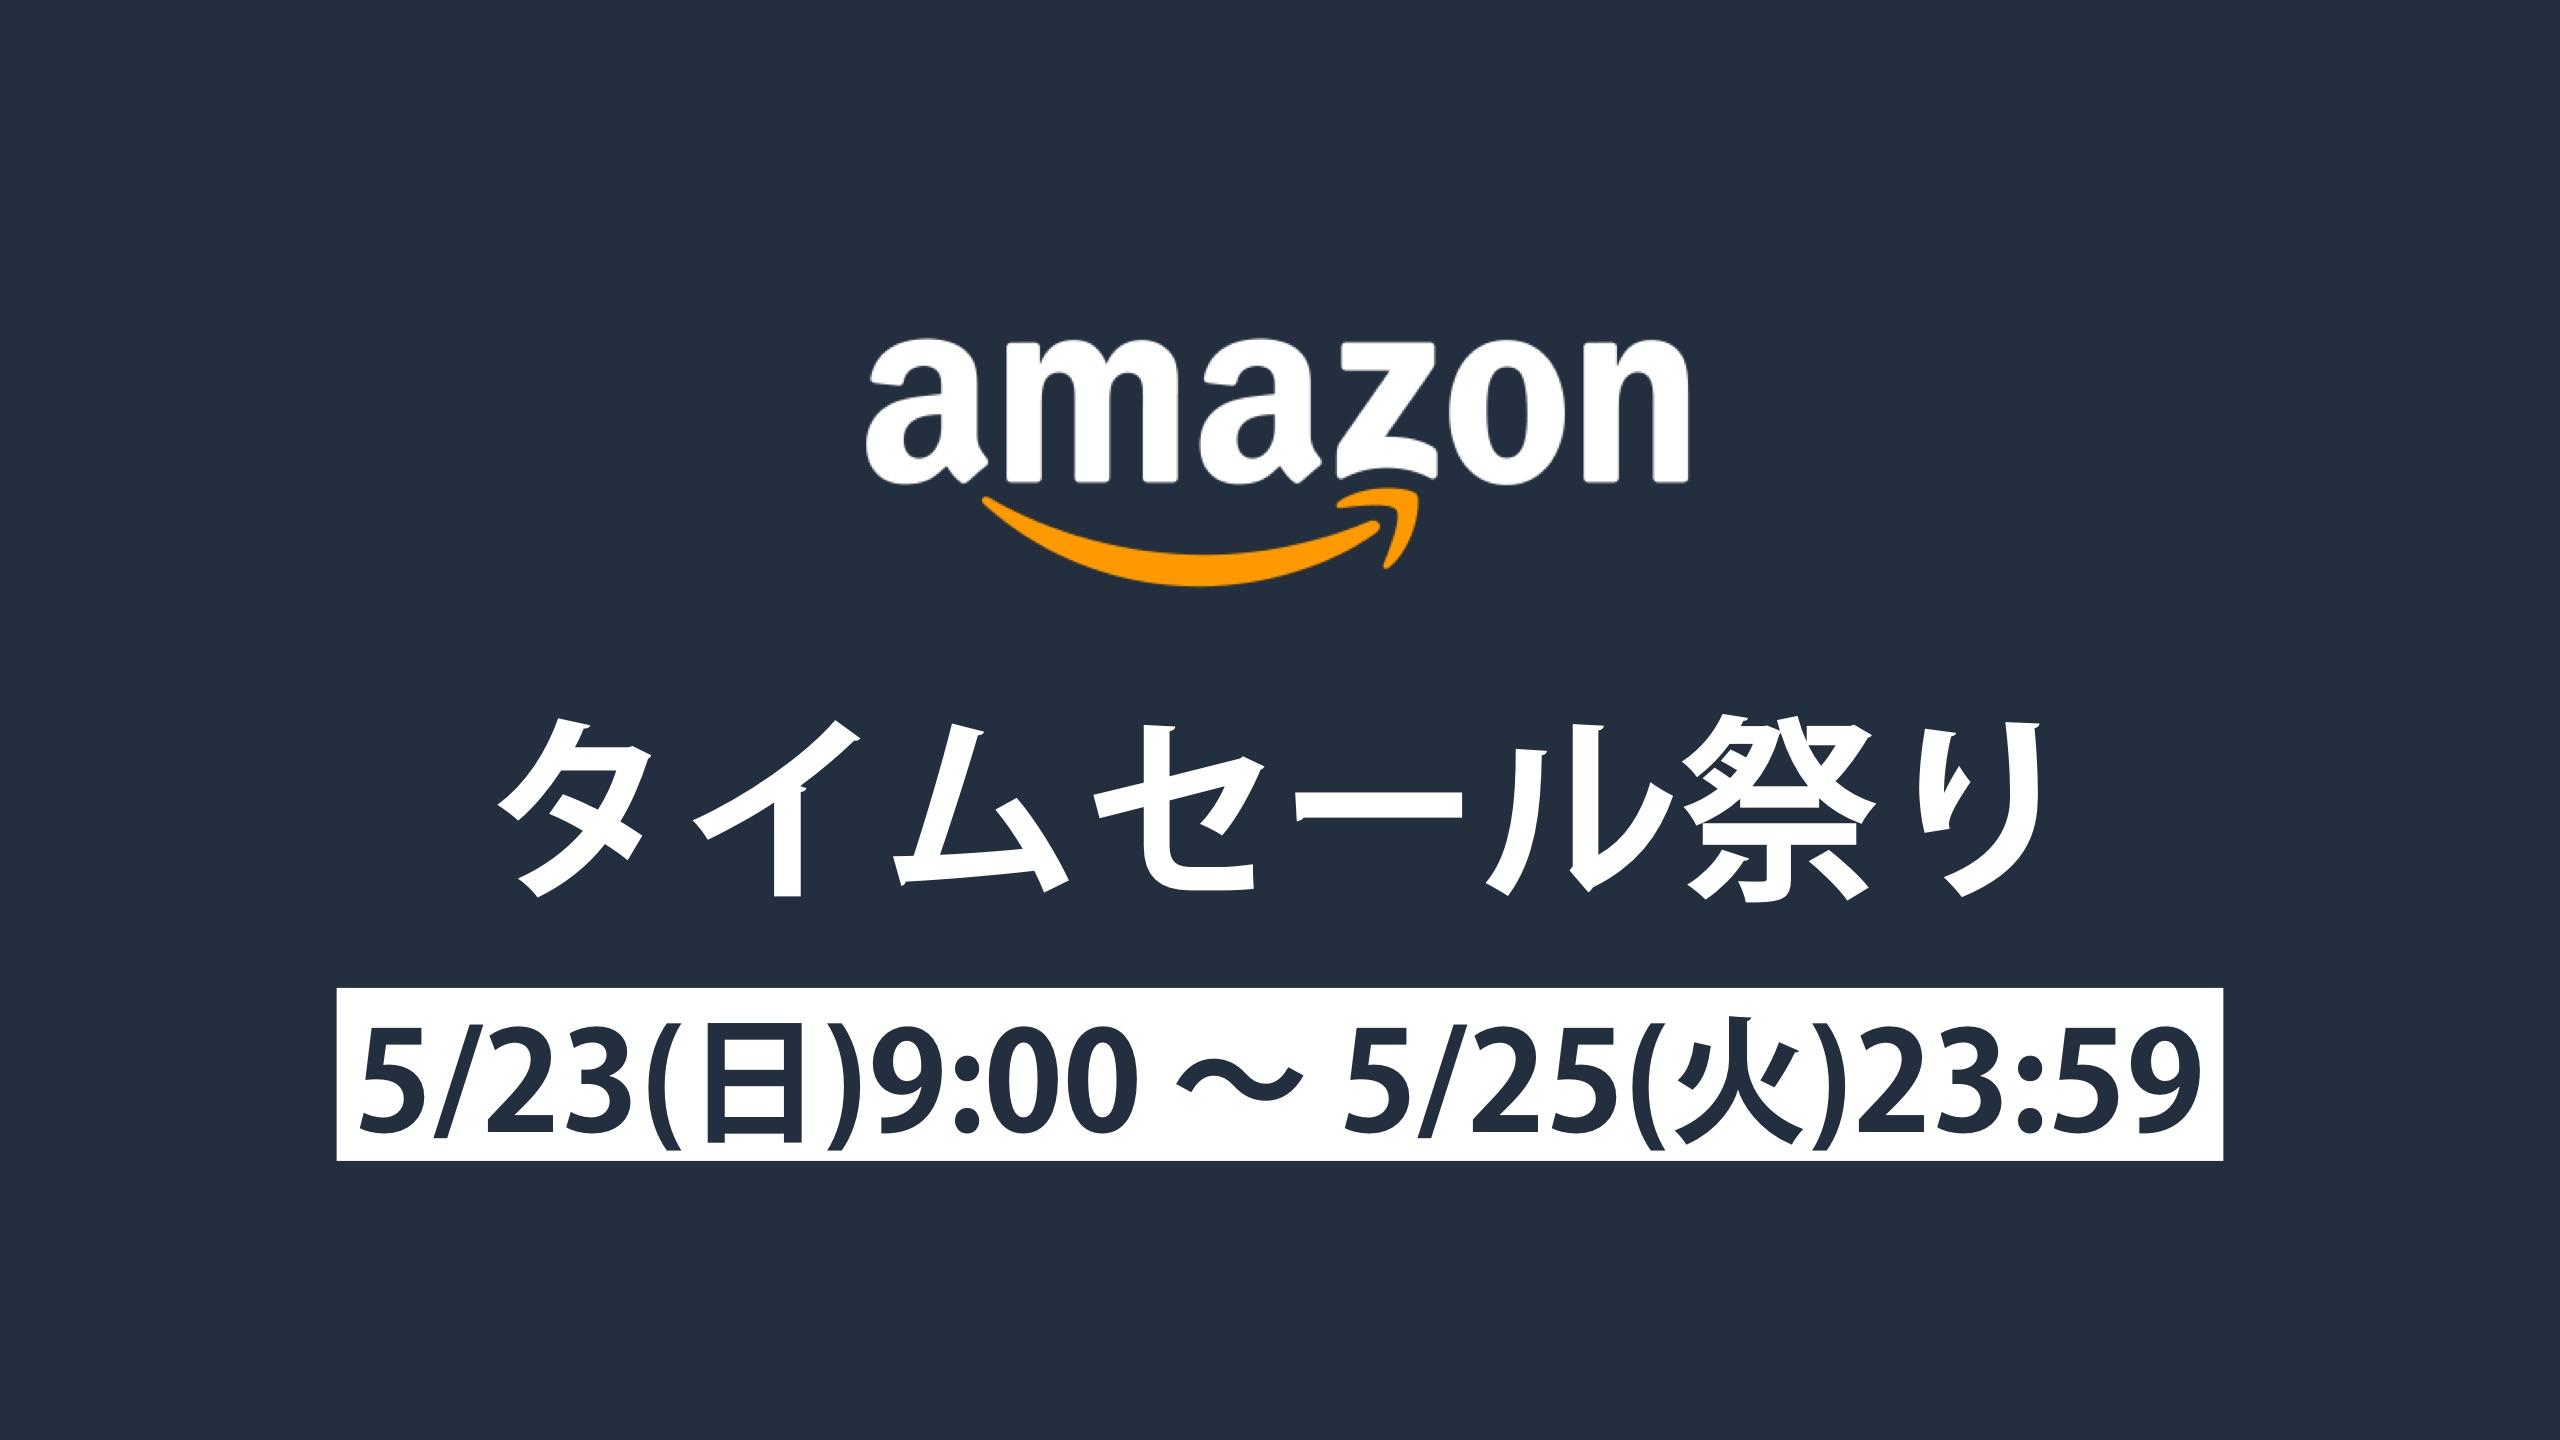 【4/26まで】Amazonタイムセール祭りの活用術とおすすめアイテムをまとめて紹介!【随時更新】